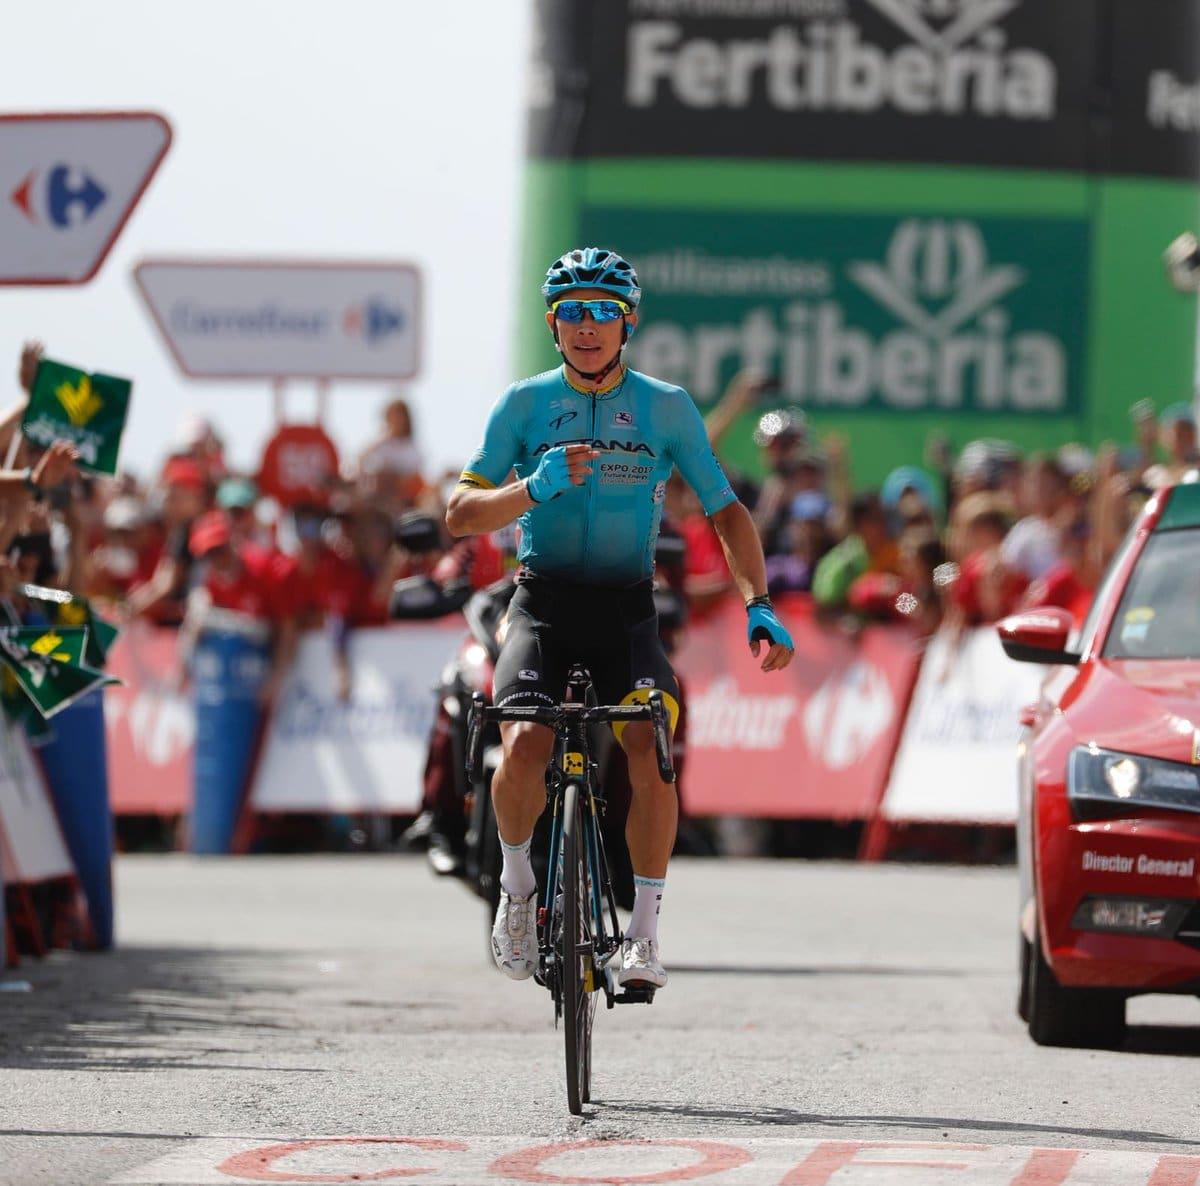 Tour d'Espagne: Froome survole le